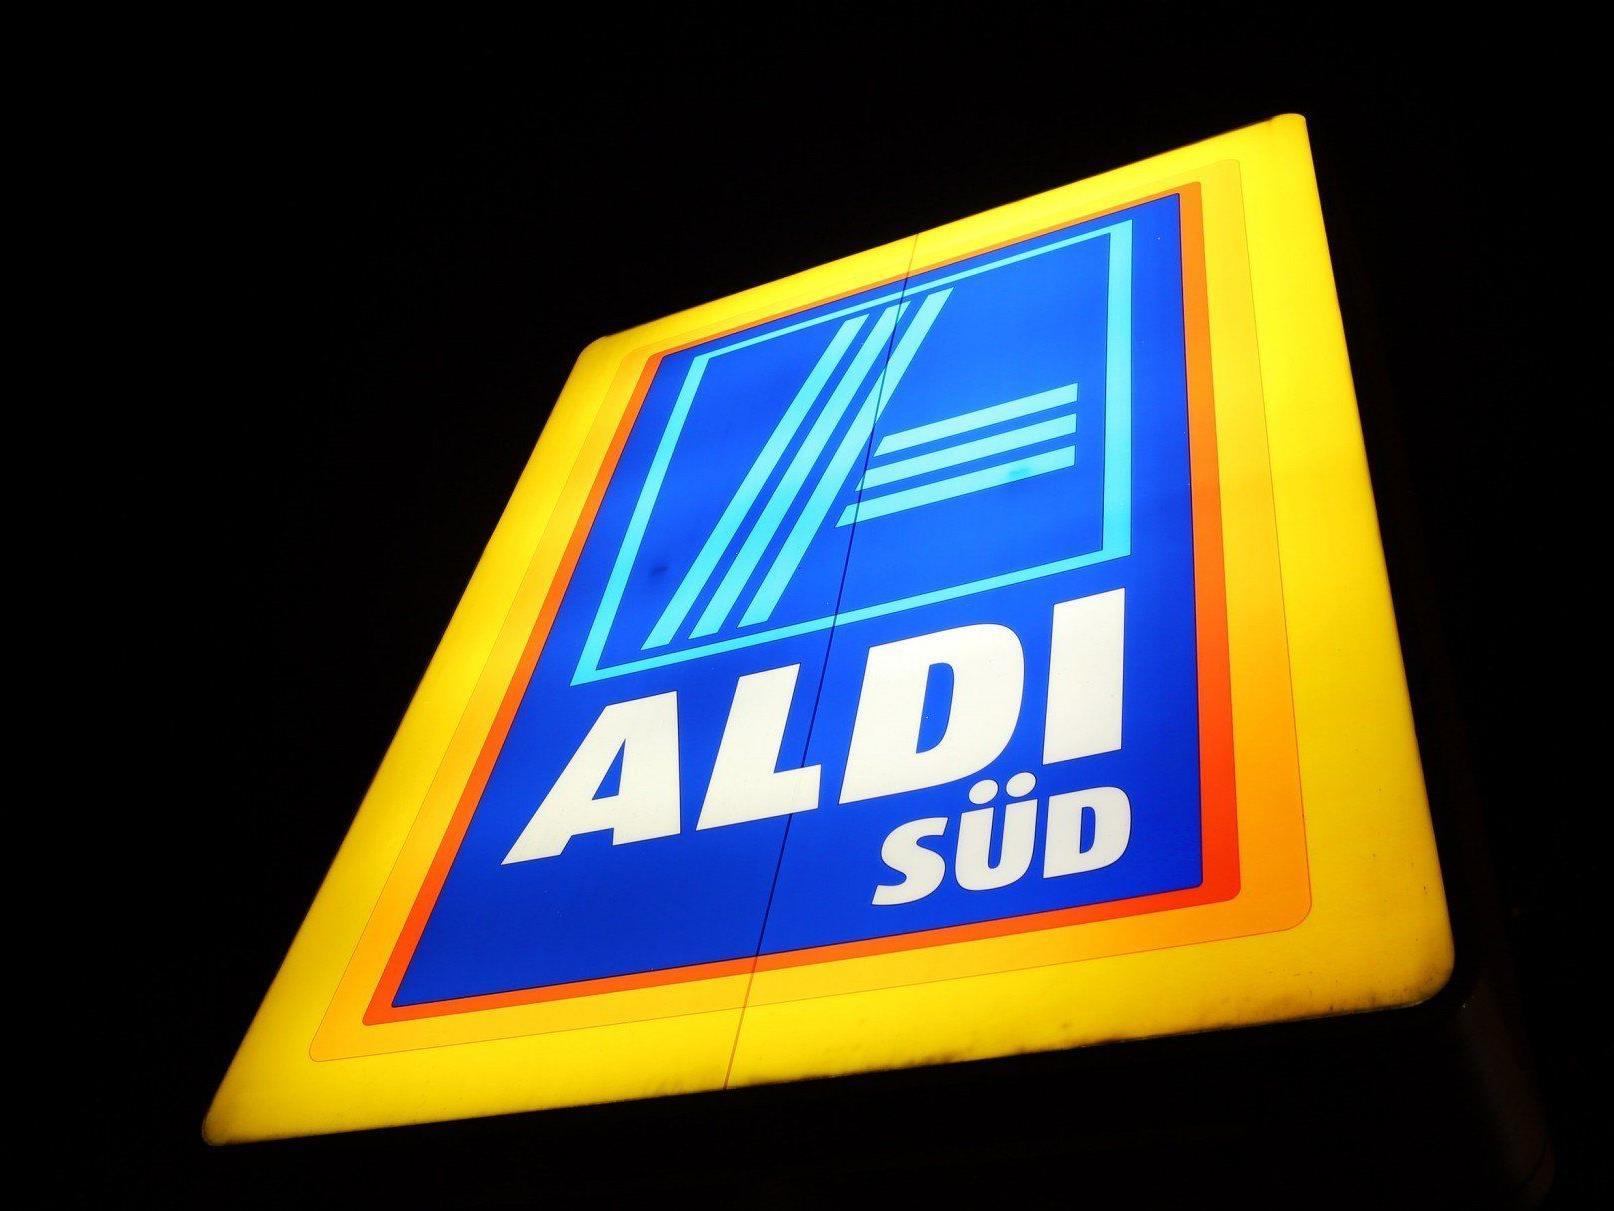 Bei Aldi-Süd soll ein Manager Auszubildende misshandelt haben.